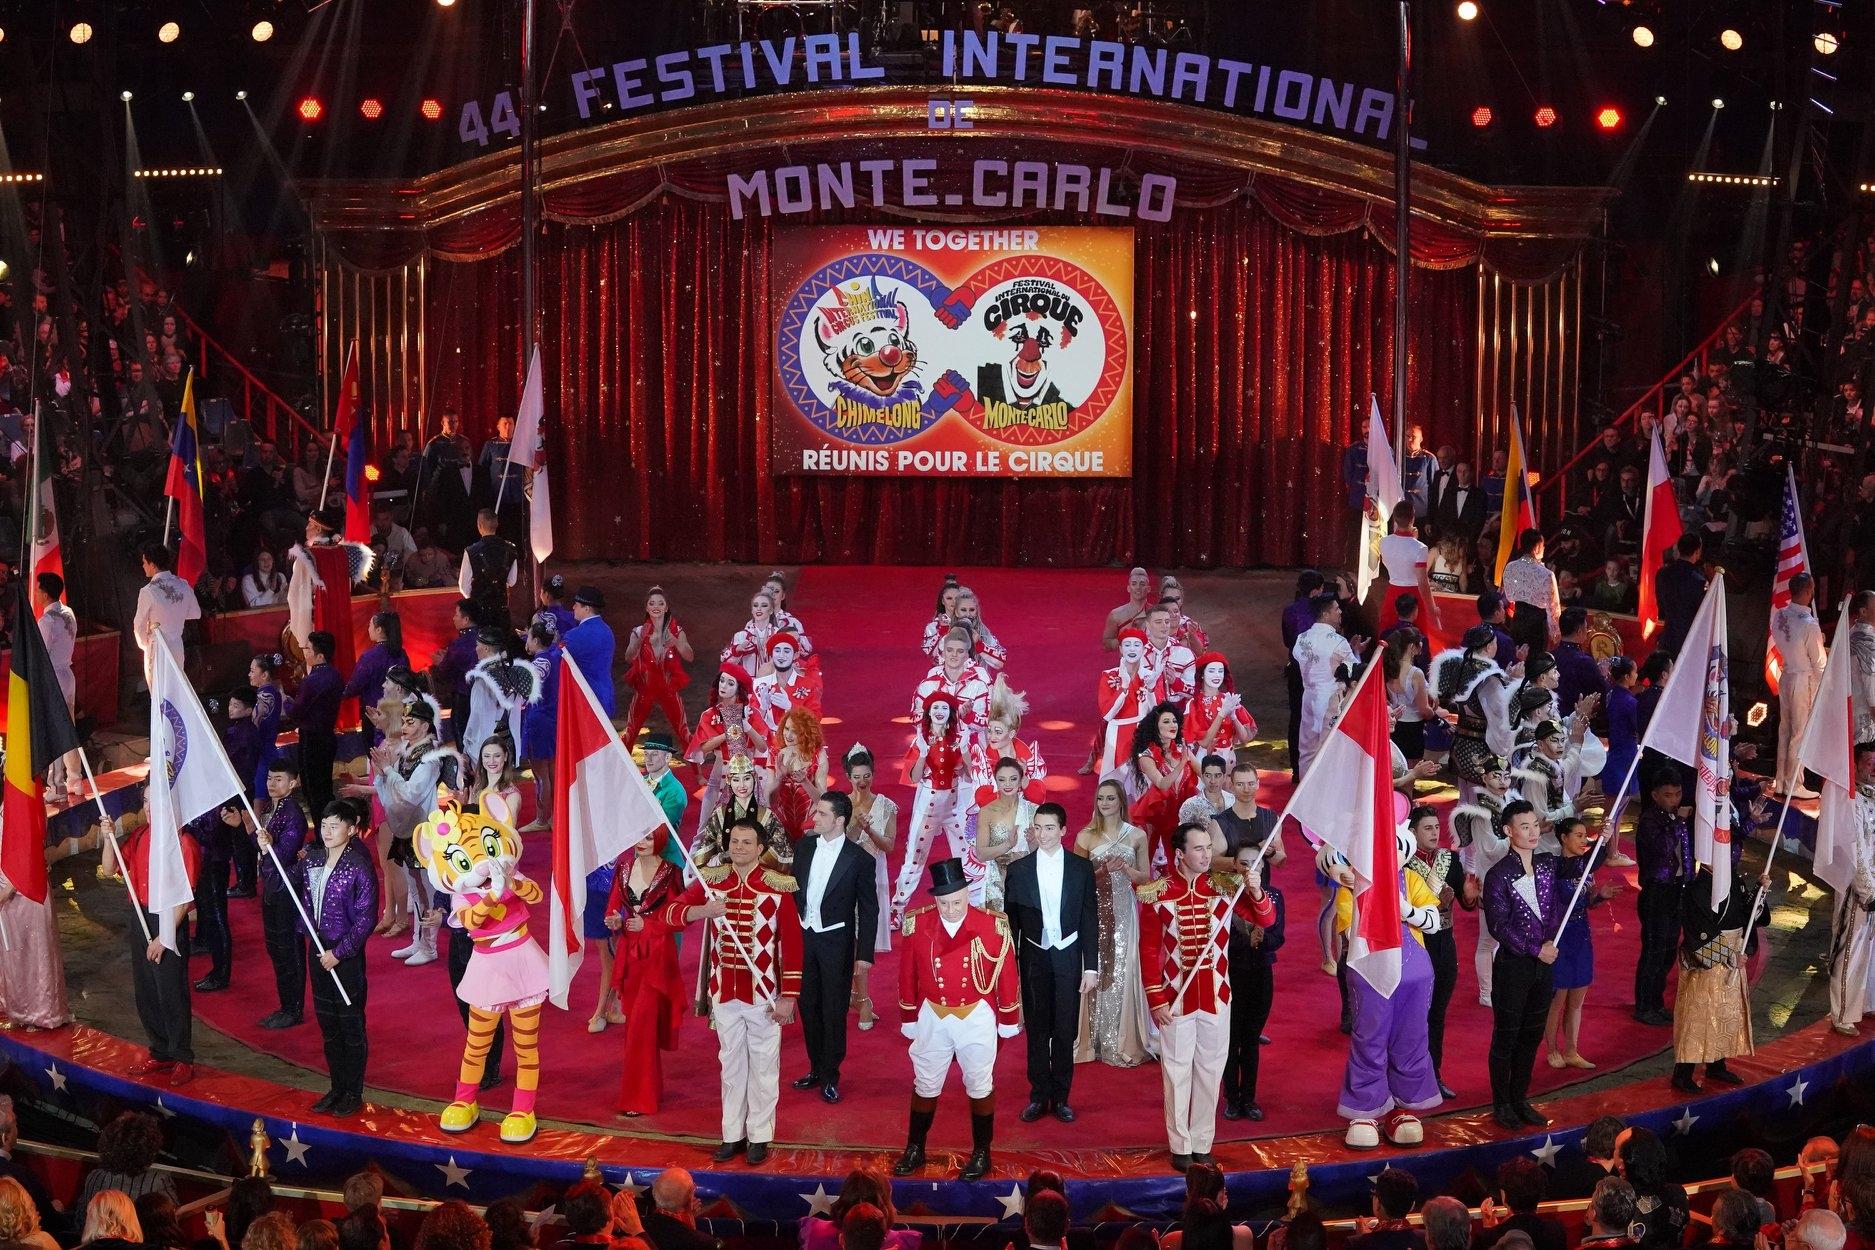 Hírek a Monte-carlói Ifjúsági Cirkuszfesztiválról